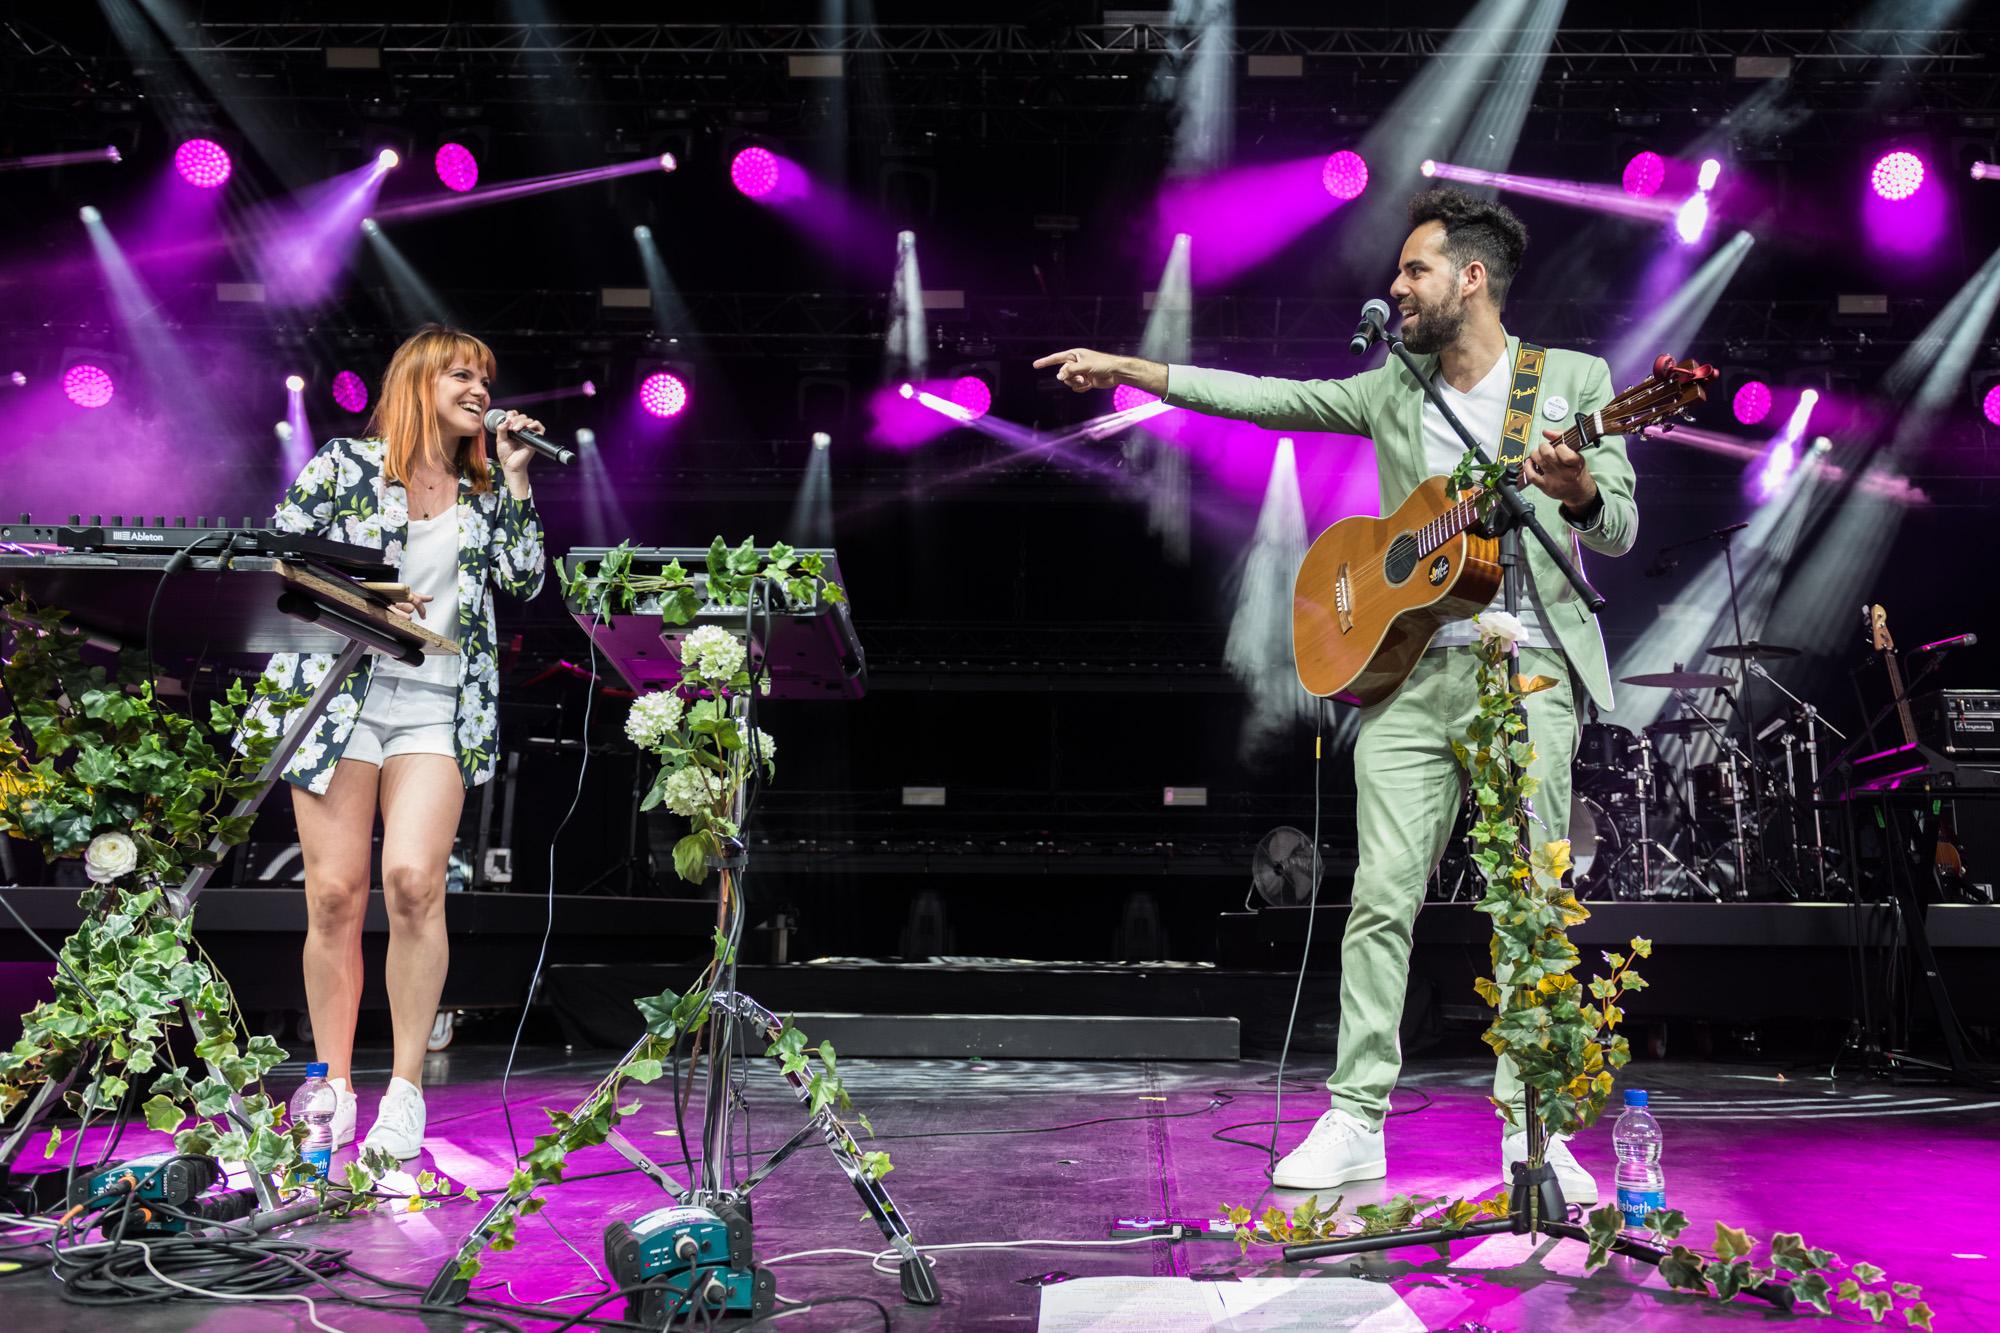 21 juin le duo - 21 juin - live - concert